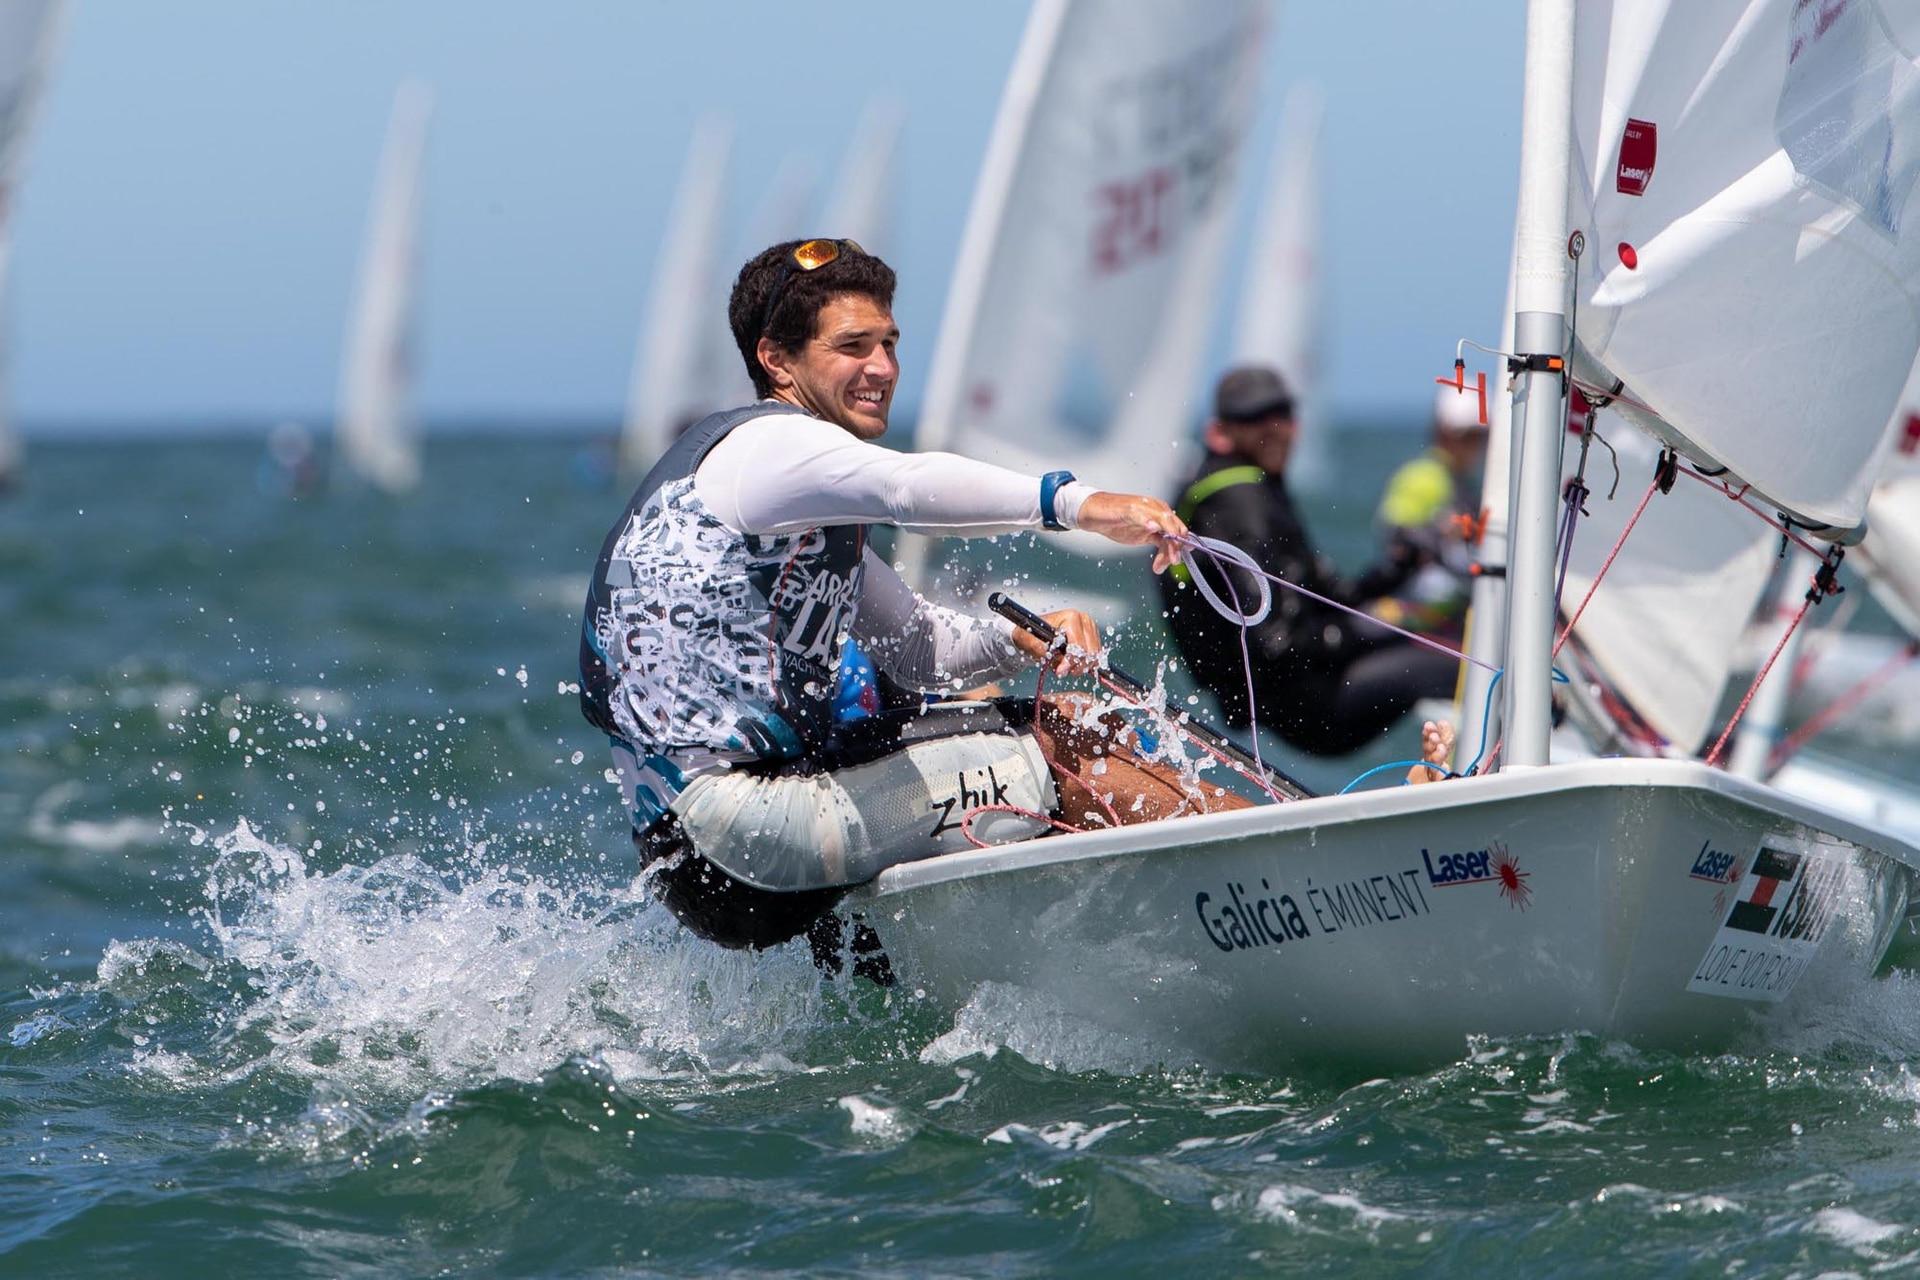 """La """"Semana Nacional del Yachting"""" es un festival para clases de orza que se constituye en un campeonato tradicional de la vela nacional y la oportunidad para que muchos jóvenes de diversas partes del país naveguen por primera vez en las aguas del Océano Atlántico."""